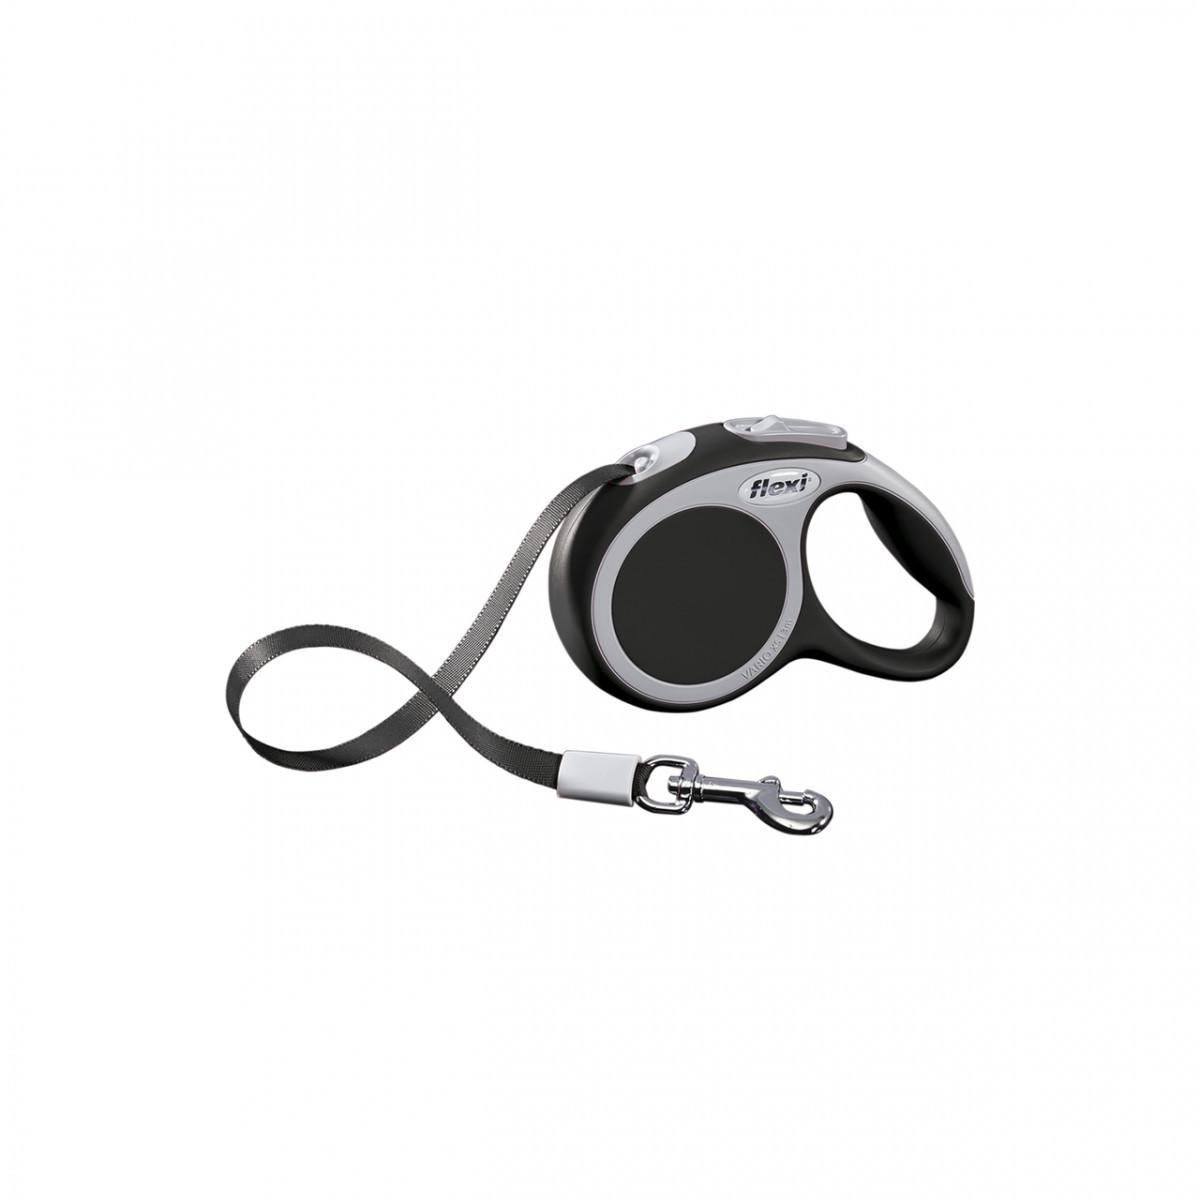 Рулетка VARIO XS 3m (лента) антрацит (12050)